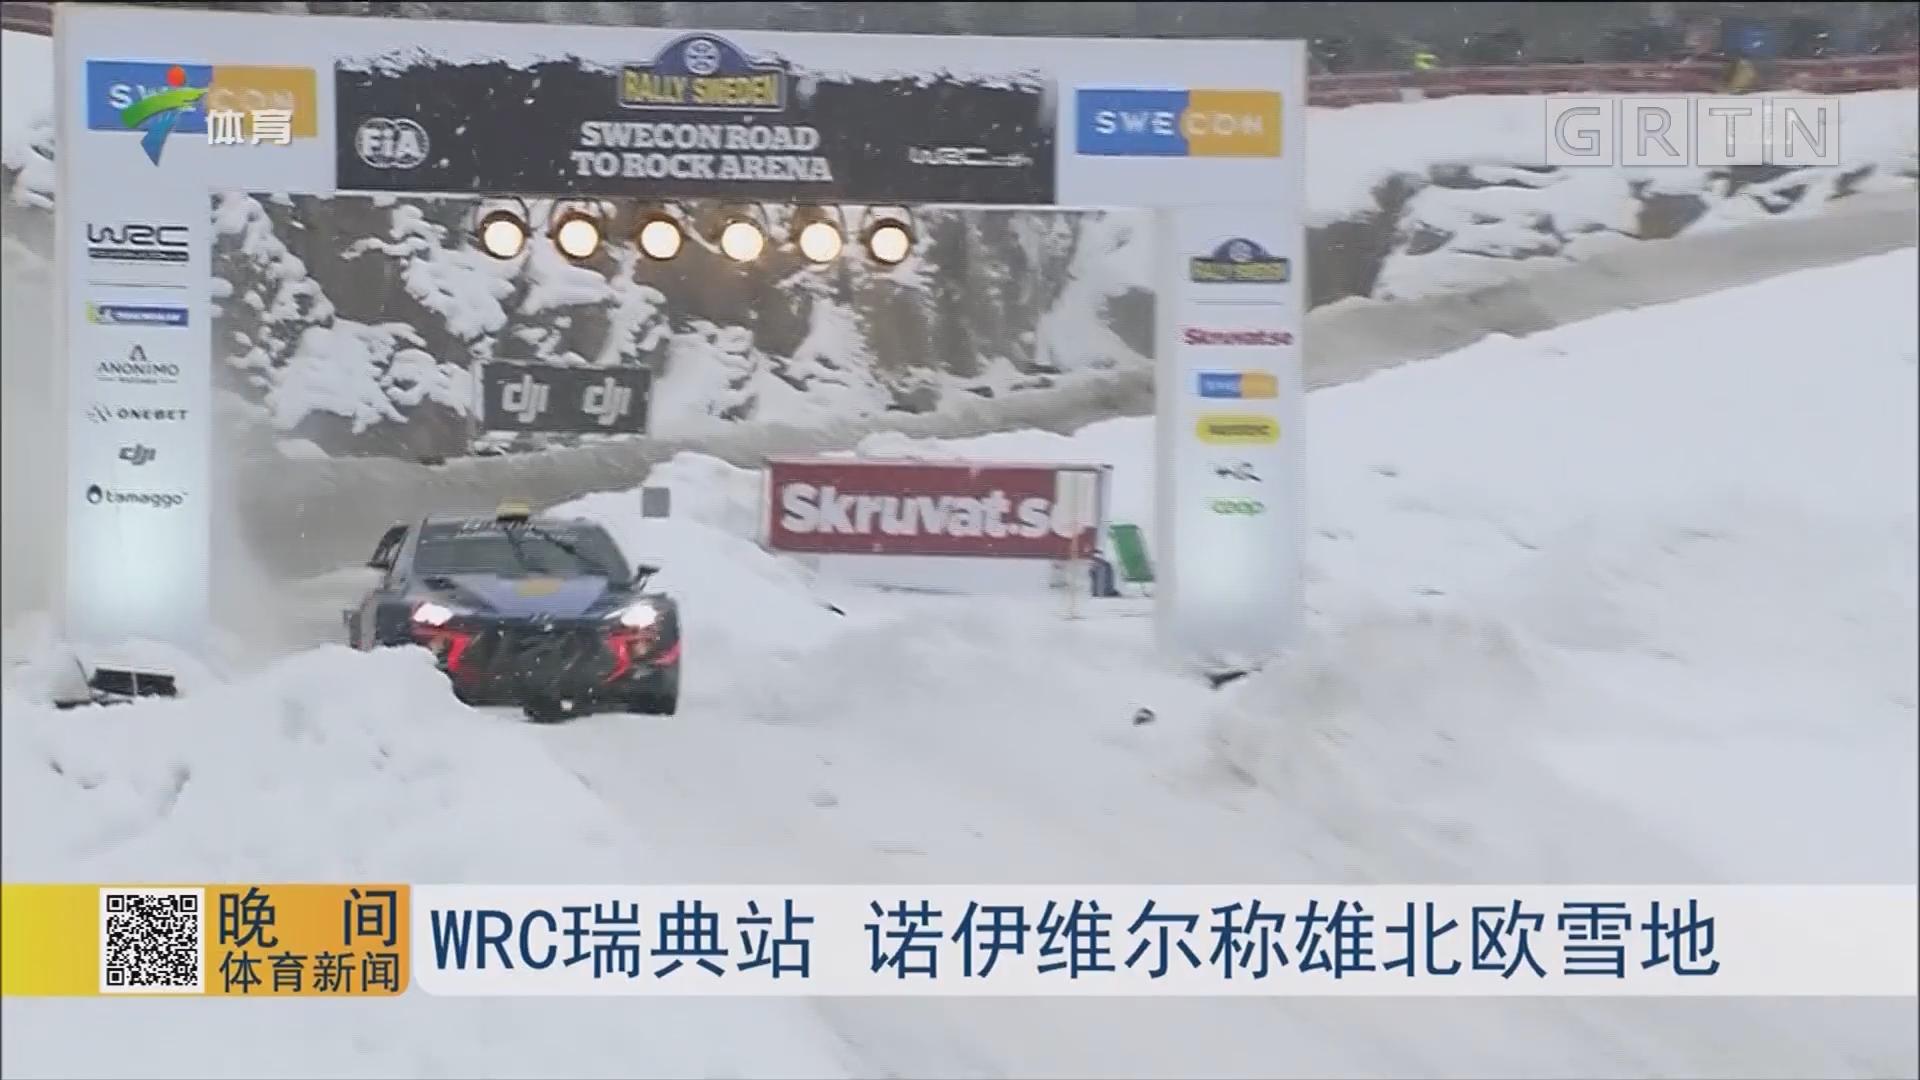 WRC瑞典站 诺伊维尔称雄北欧雪地